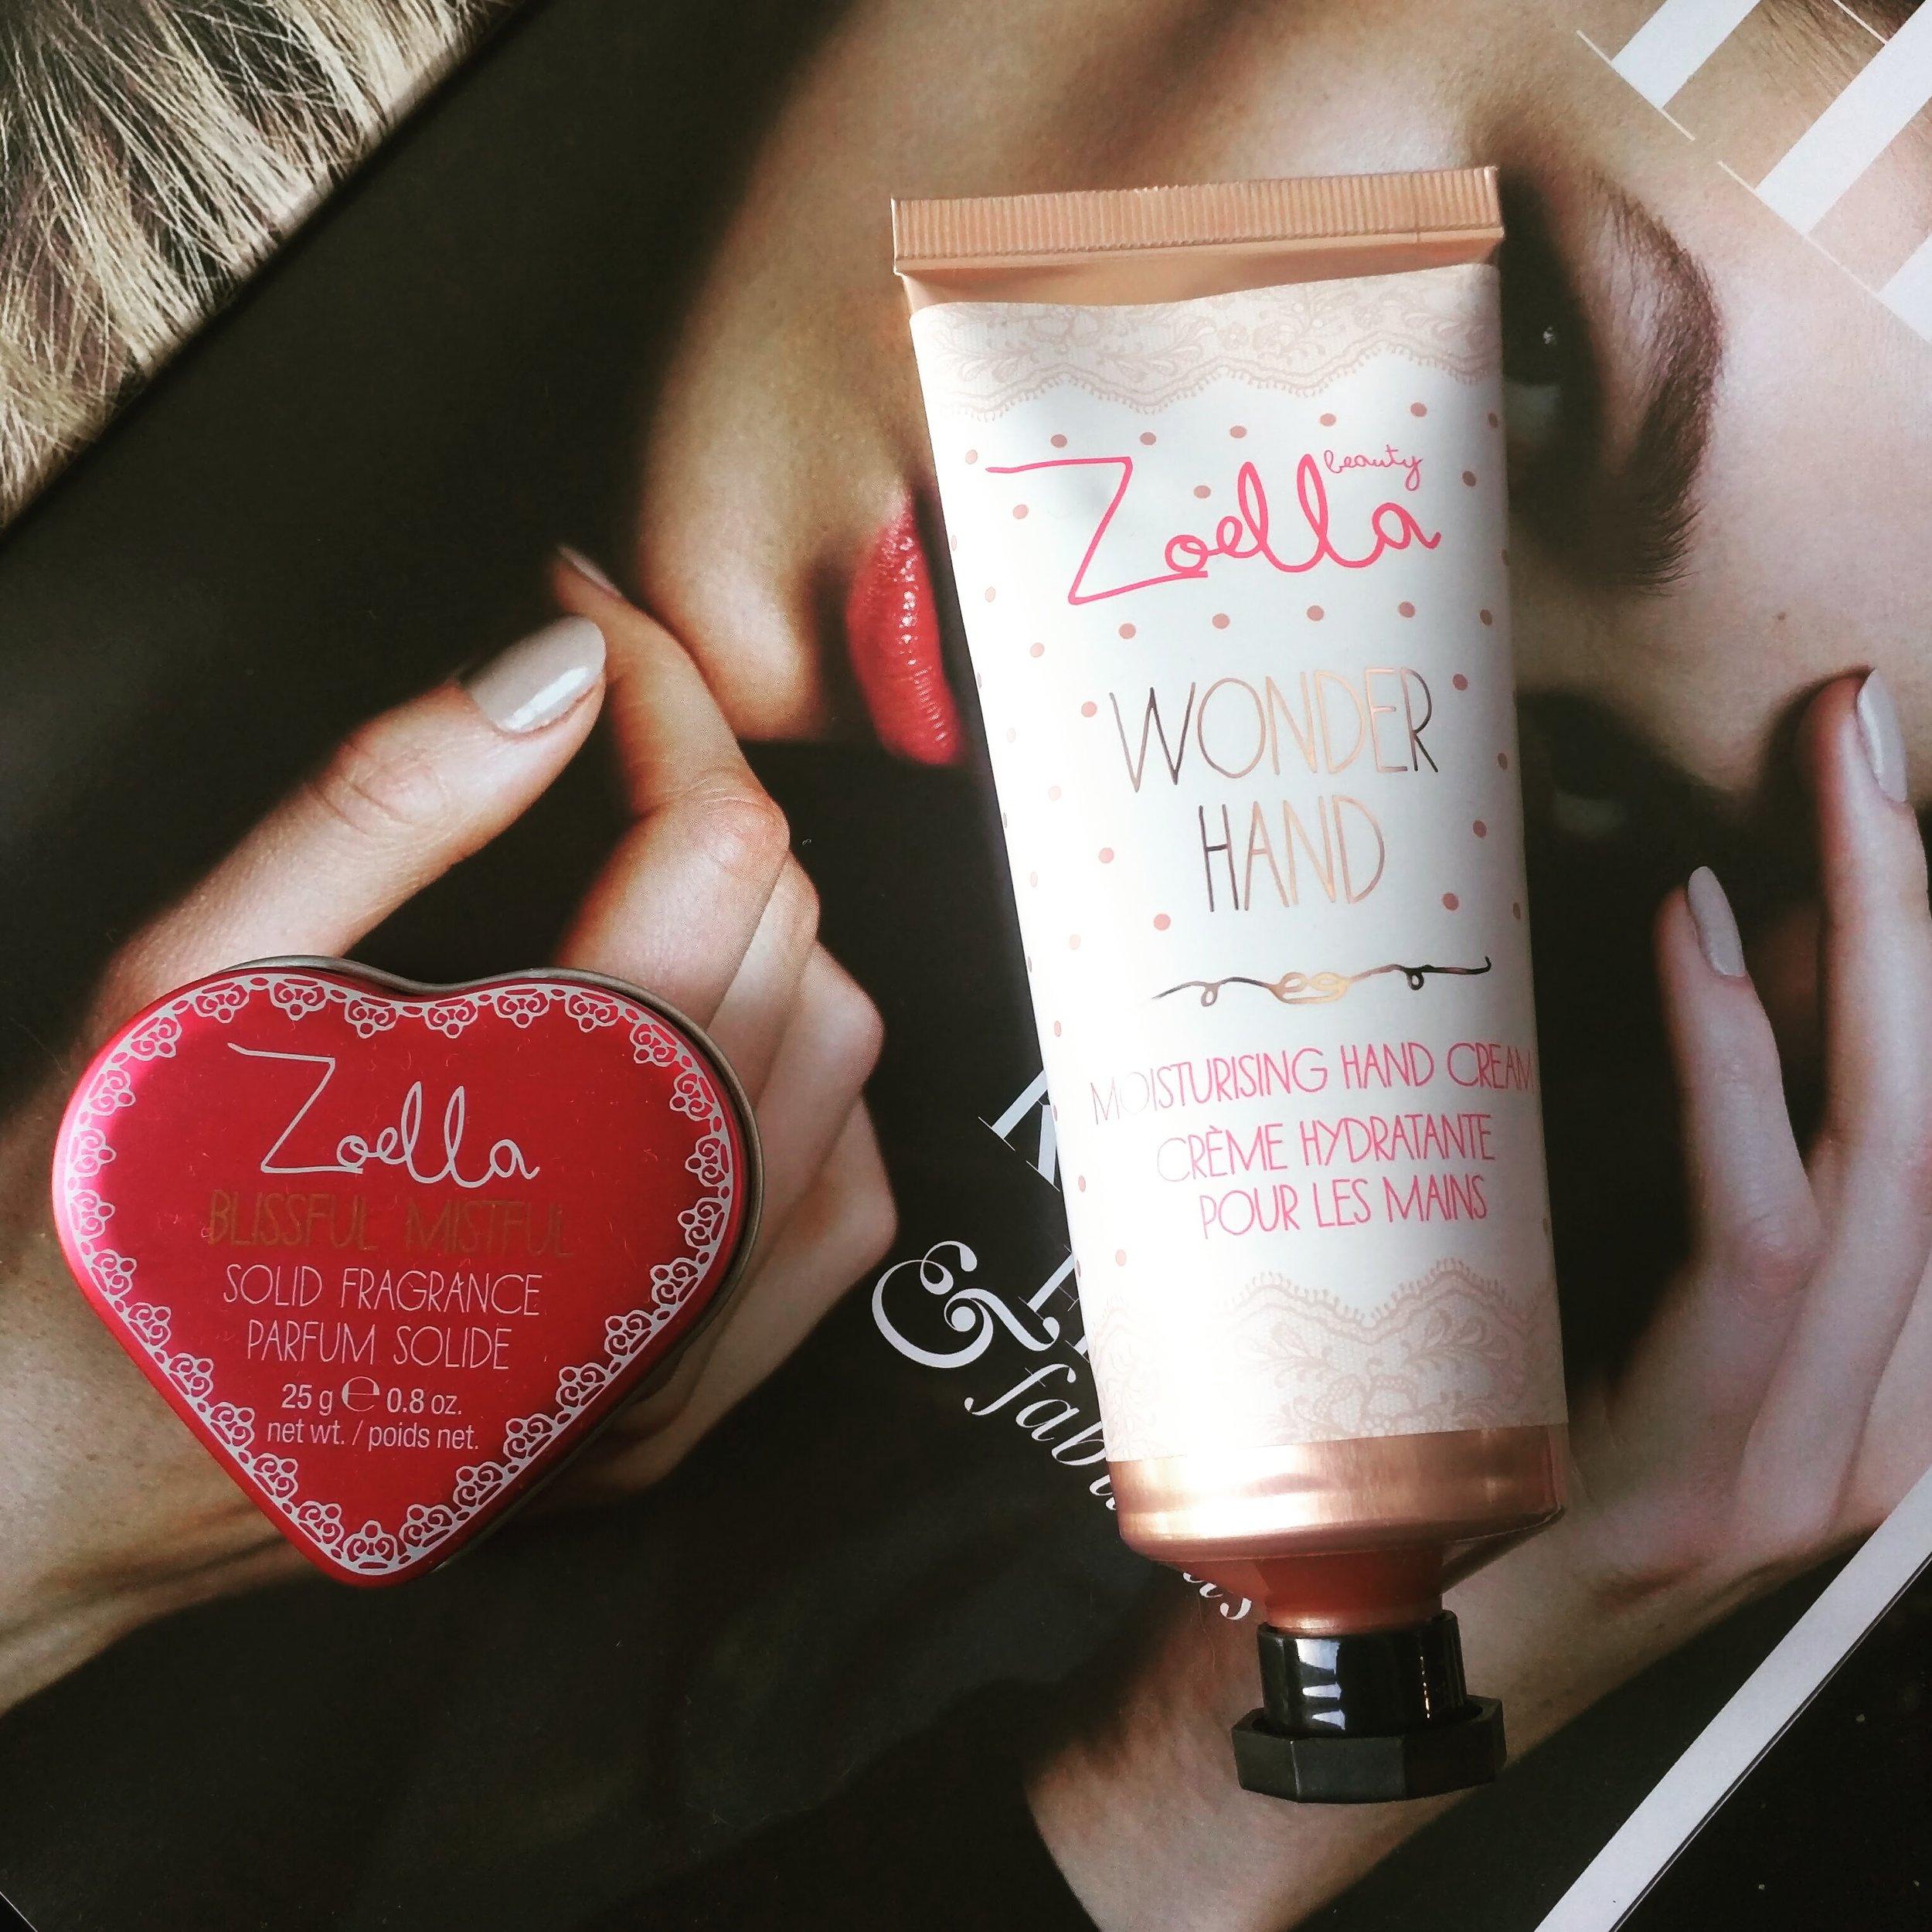 Zoella Beauty Blissful Mistful & Wonder Hand